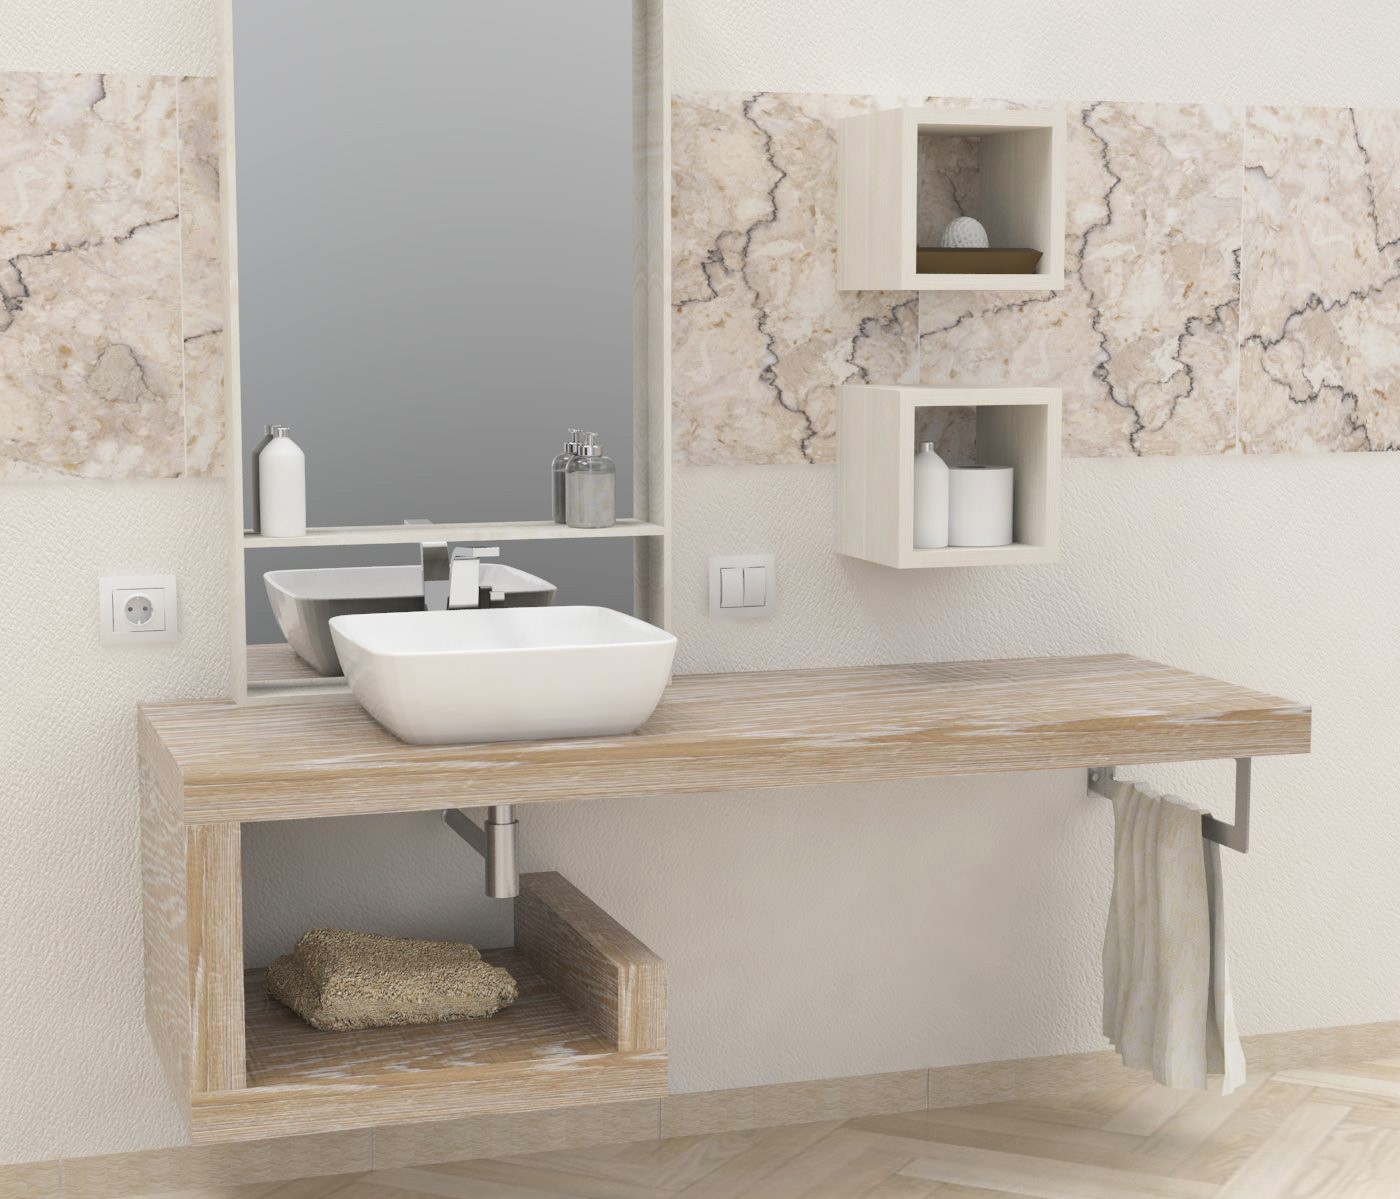 Mensola lavabo a g in legno massello su misura spessore 5 for Mensola lavabo ikea